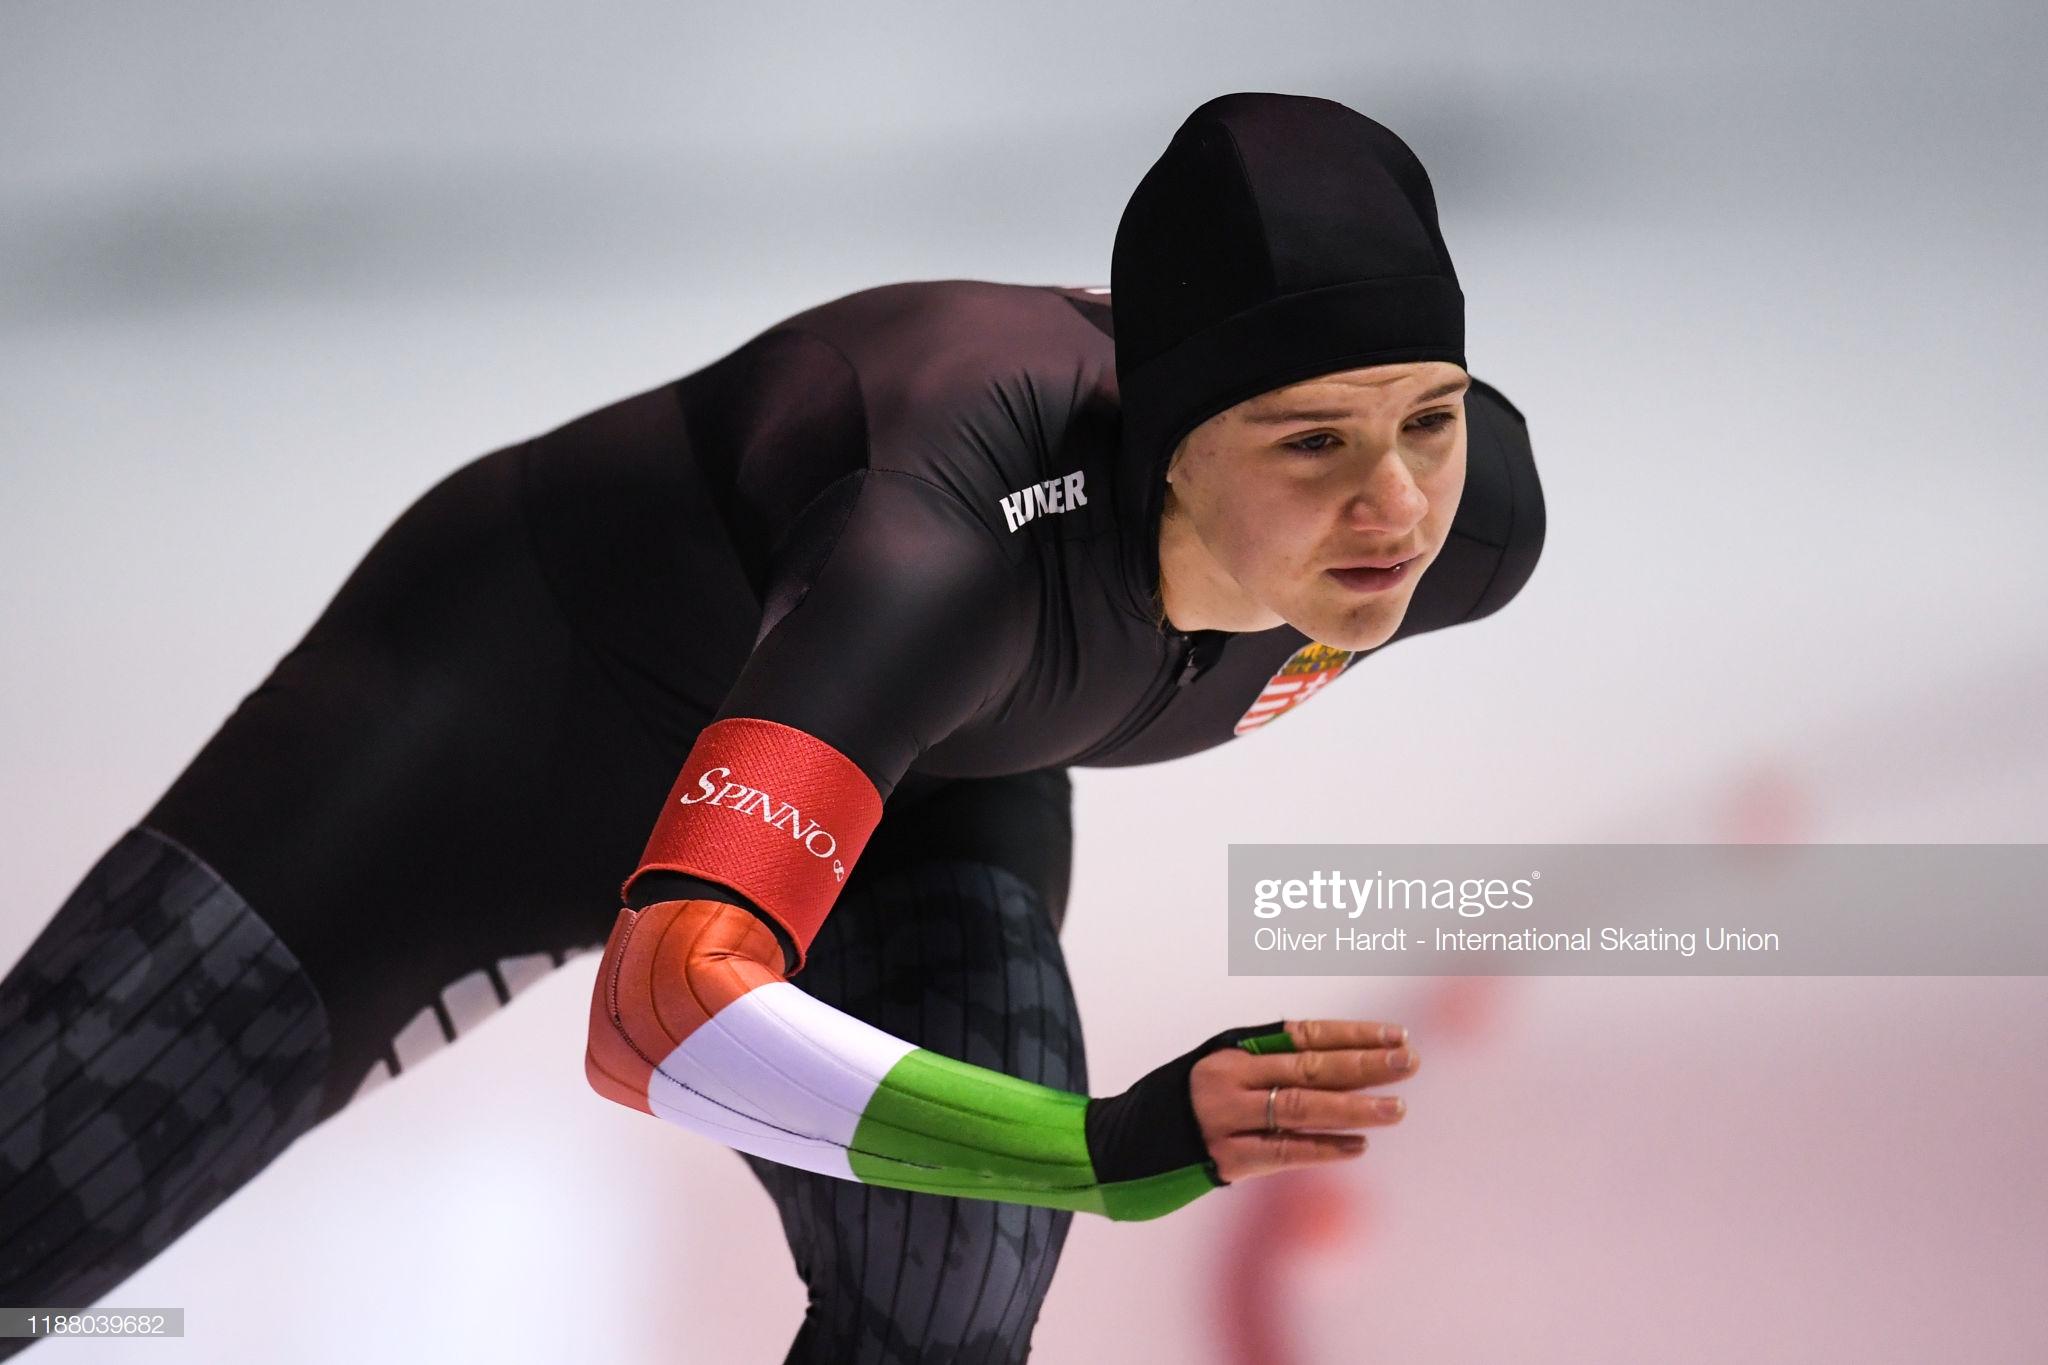 Világkupa sorozat, egyben Ifjúsági Olimpiai kavlifikáció Norvégia/Hollandia